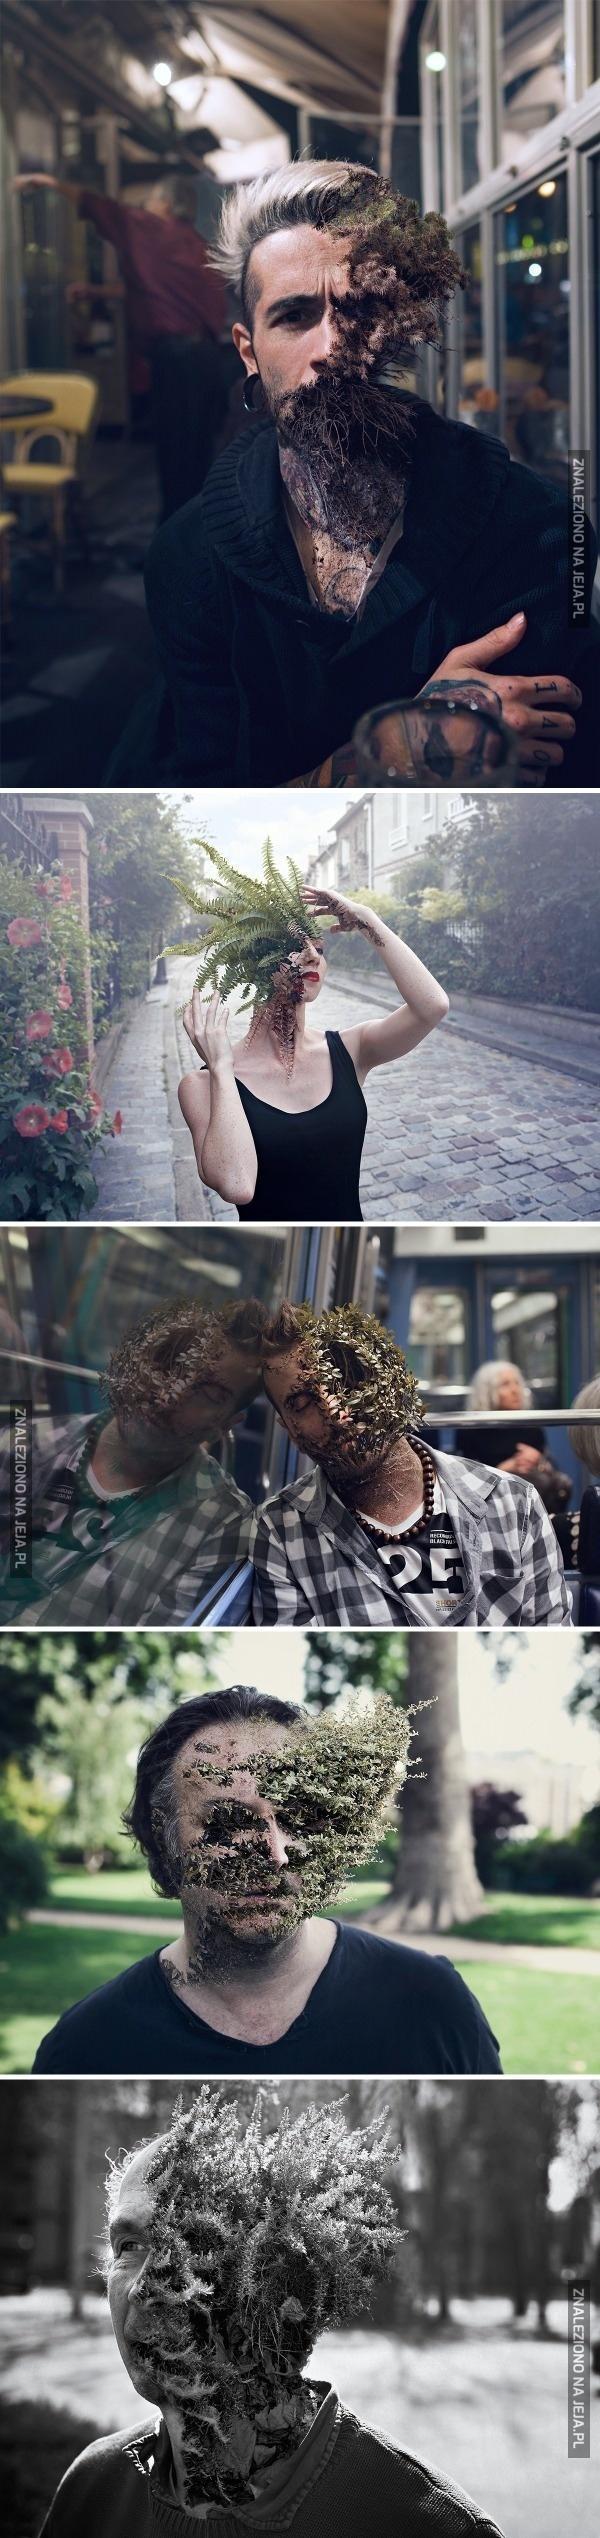 Chodzące rośliny